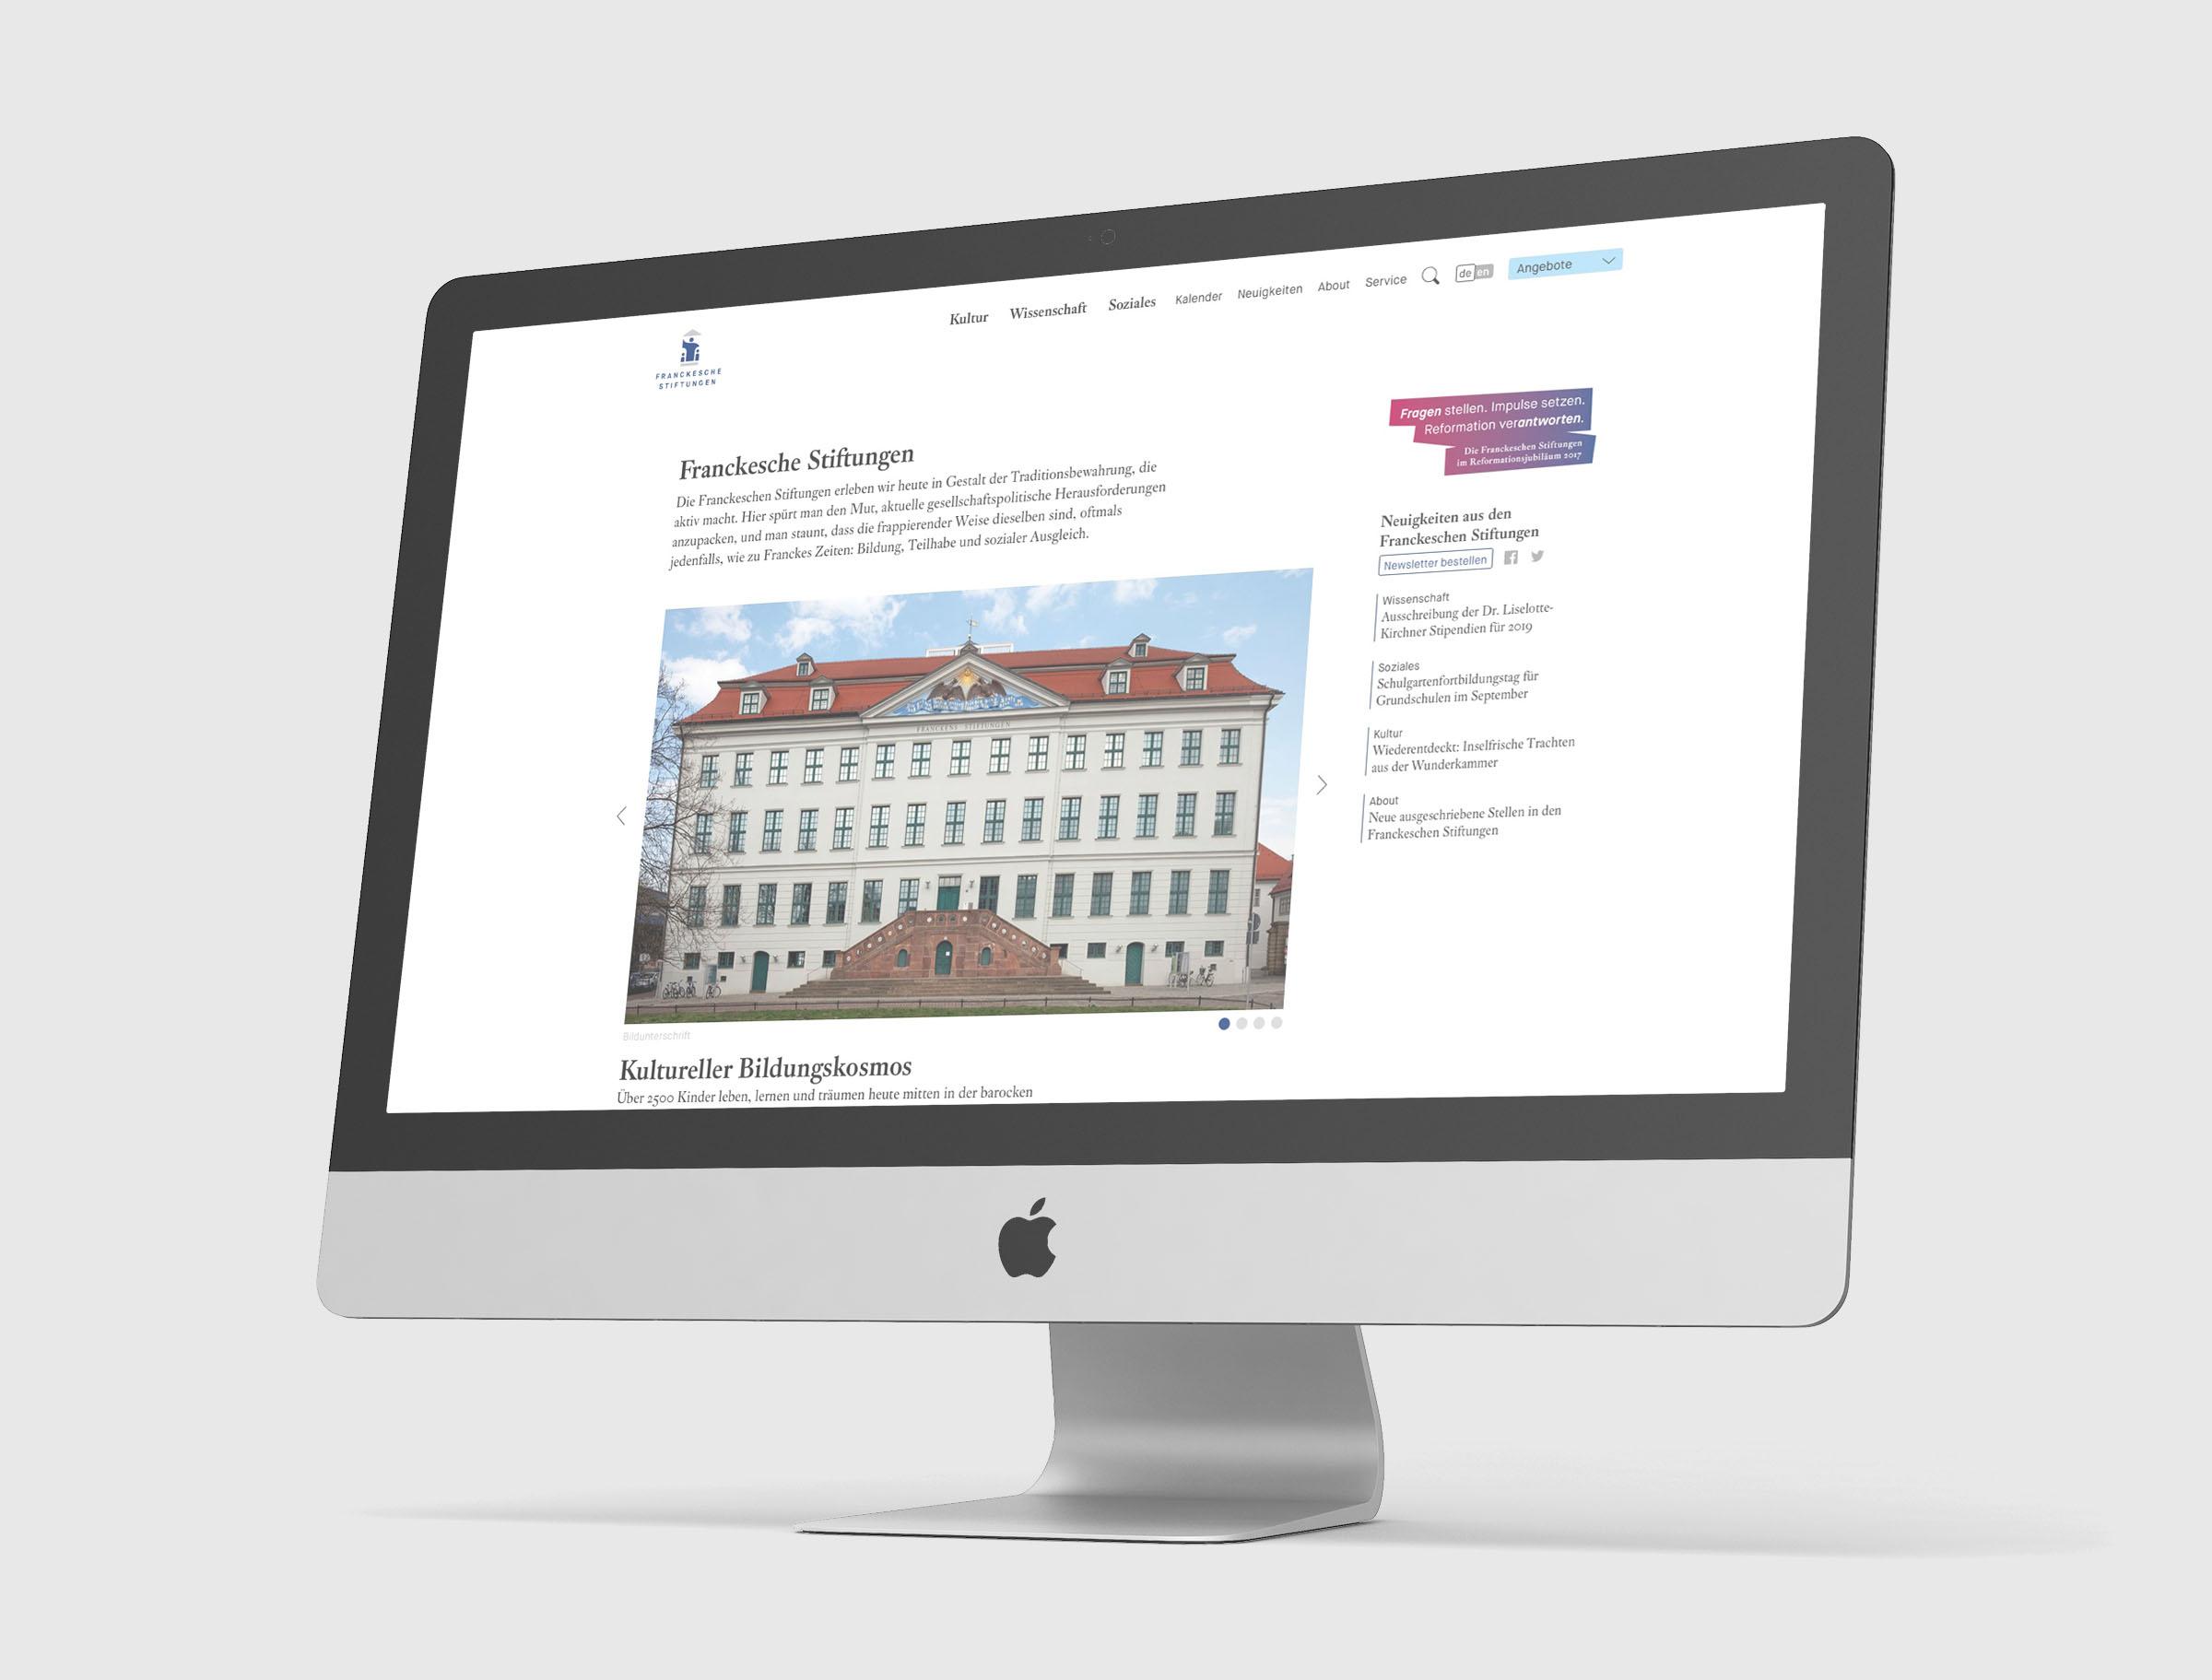 UX / UI Website Design Potsdam Franckesche Stiftungen Halle anschlaege.de Startseite